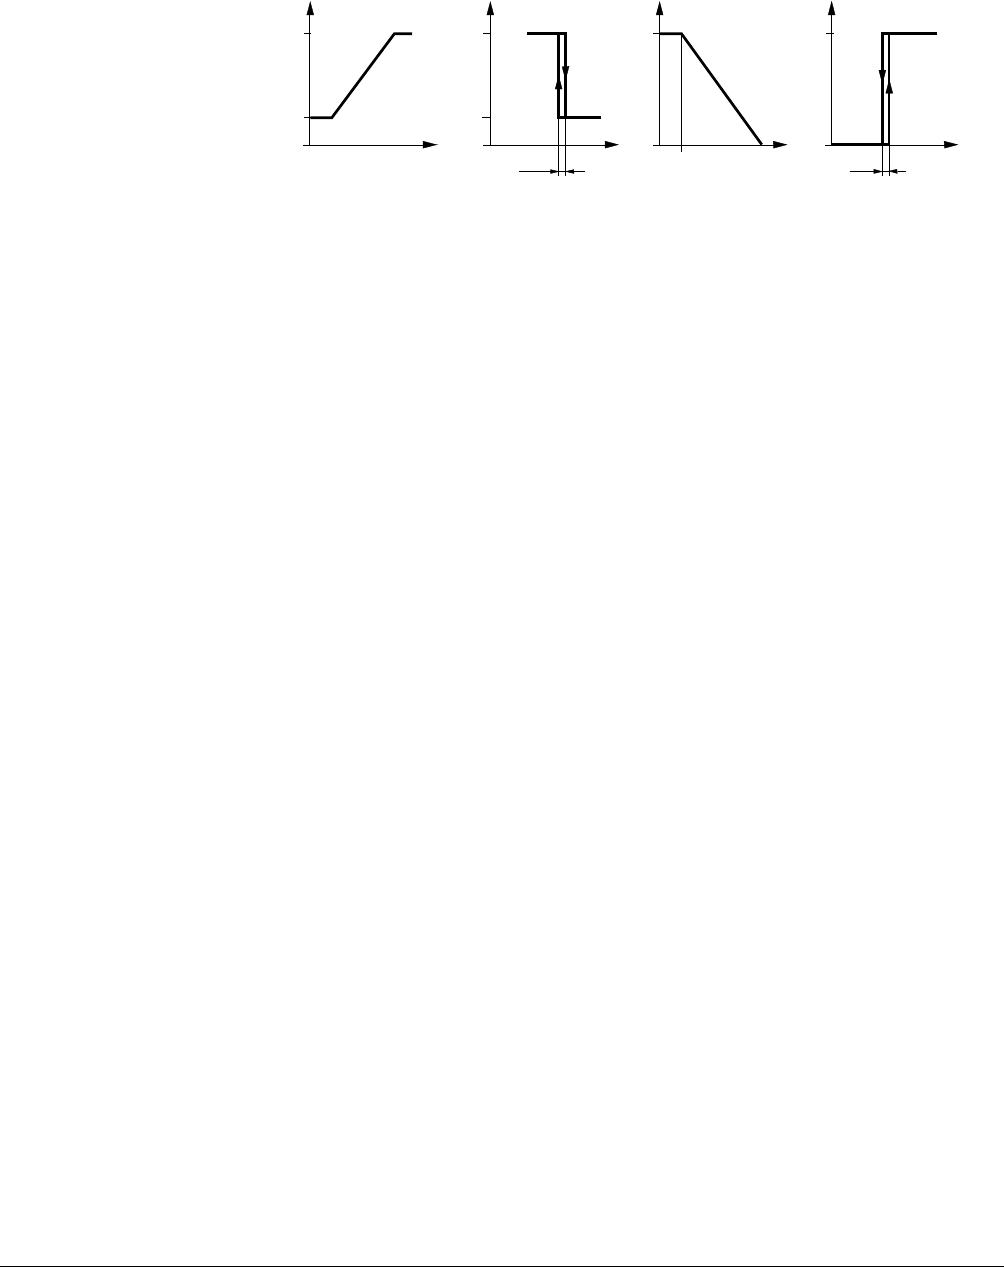 siemens d er actuator wiring diagram best wiring library ABZ Electric Actuator Wiring Diagram cm2n3204e 1 1999 siemens building technologies